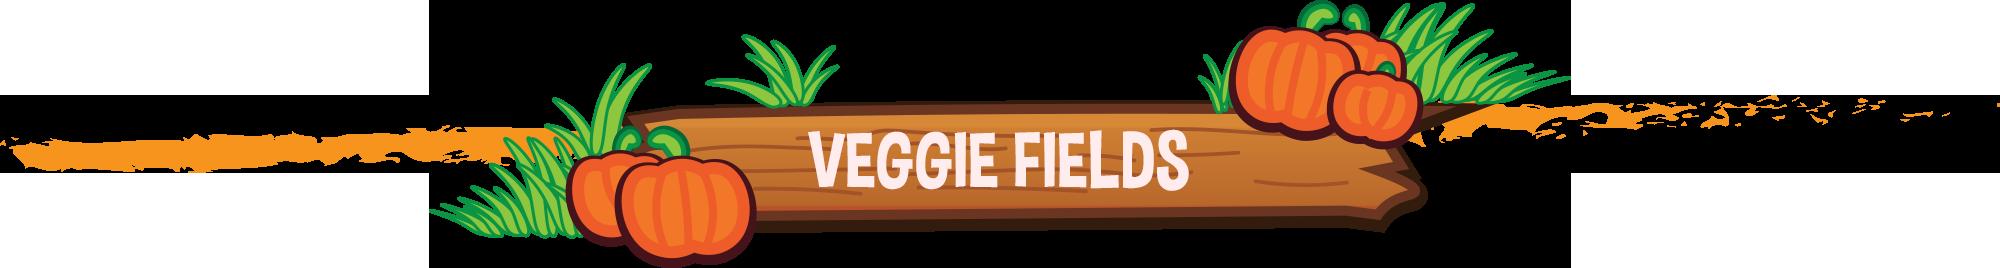 VeggieFields